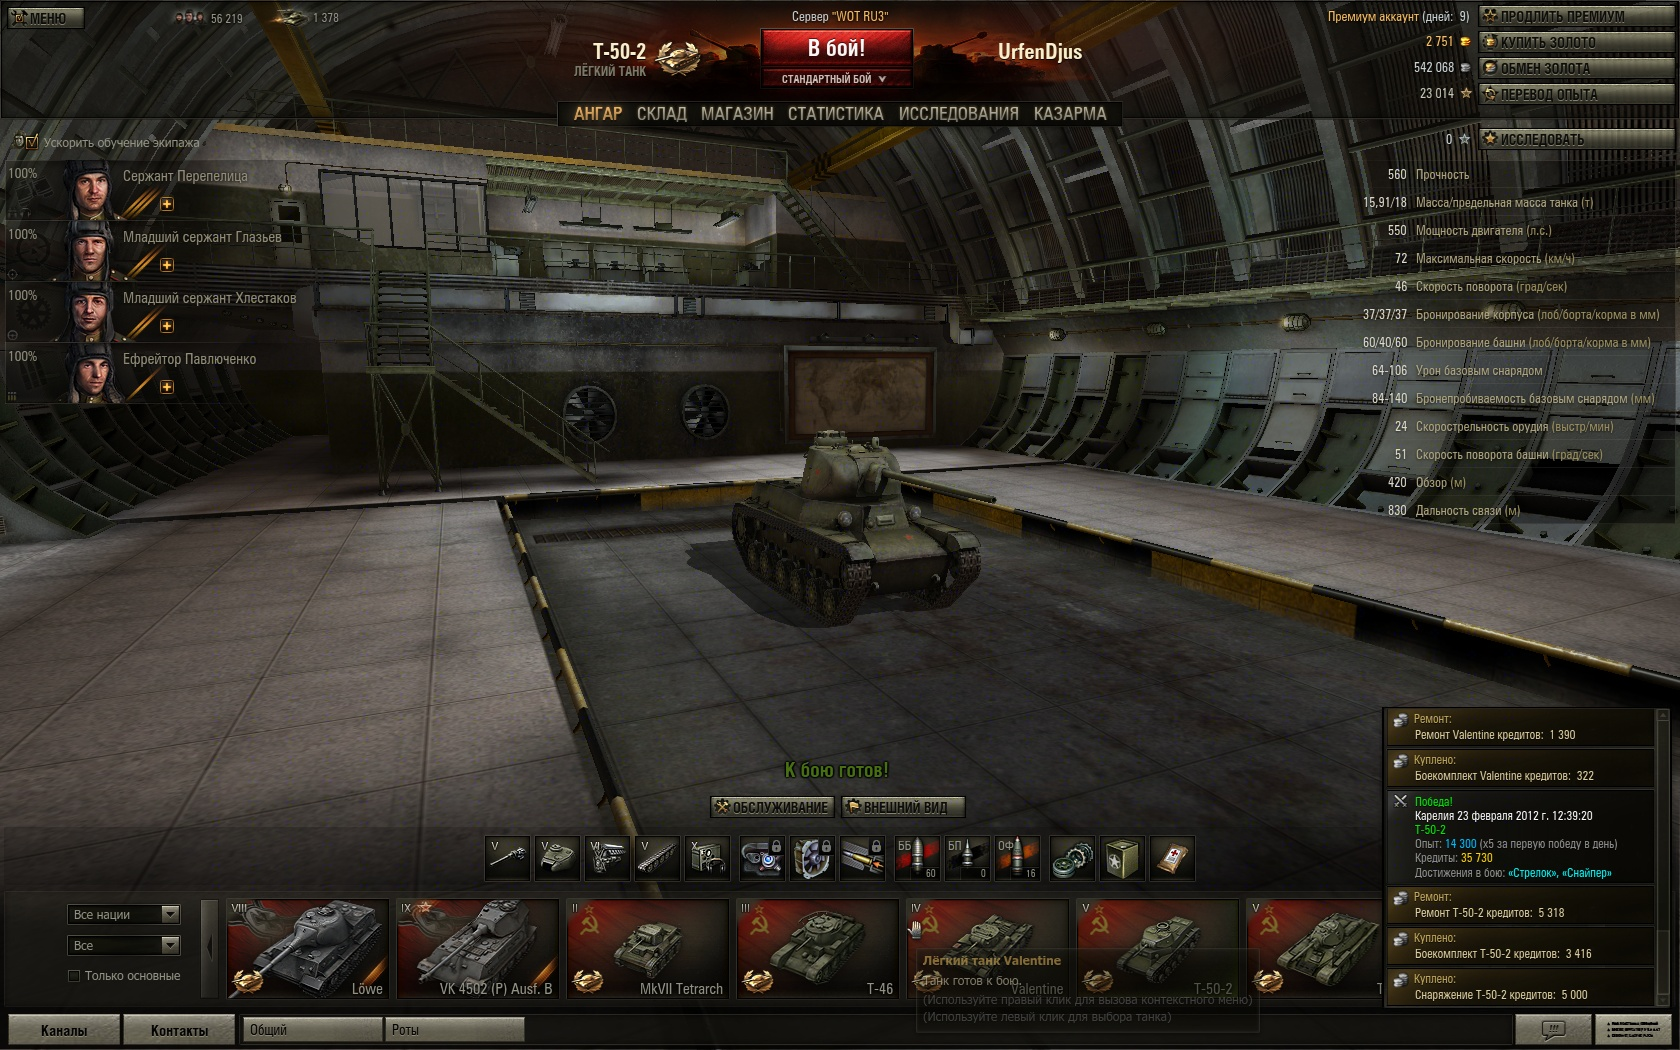 Сделать подарок в world of tanks 80